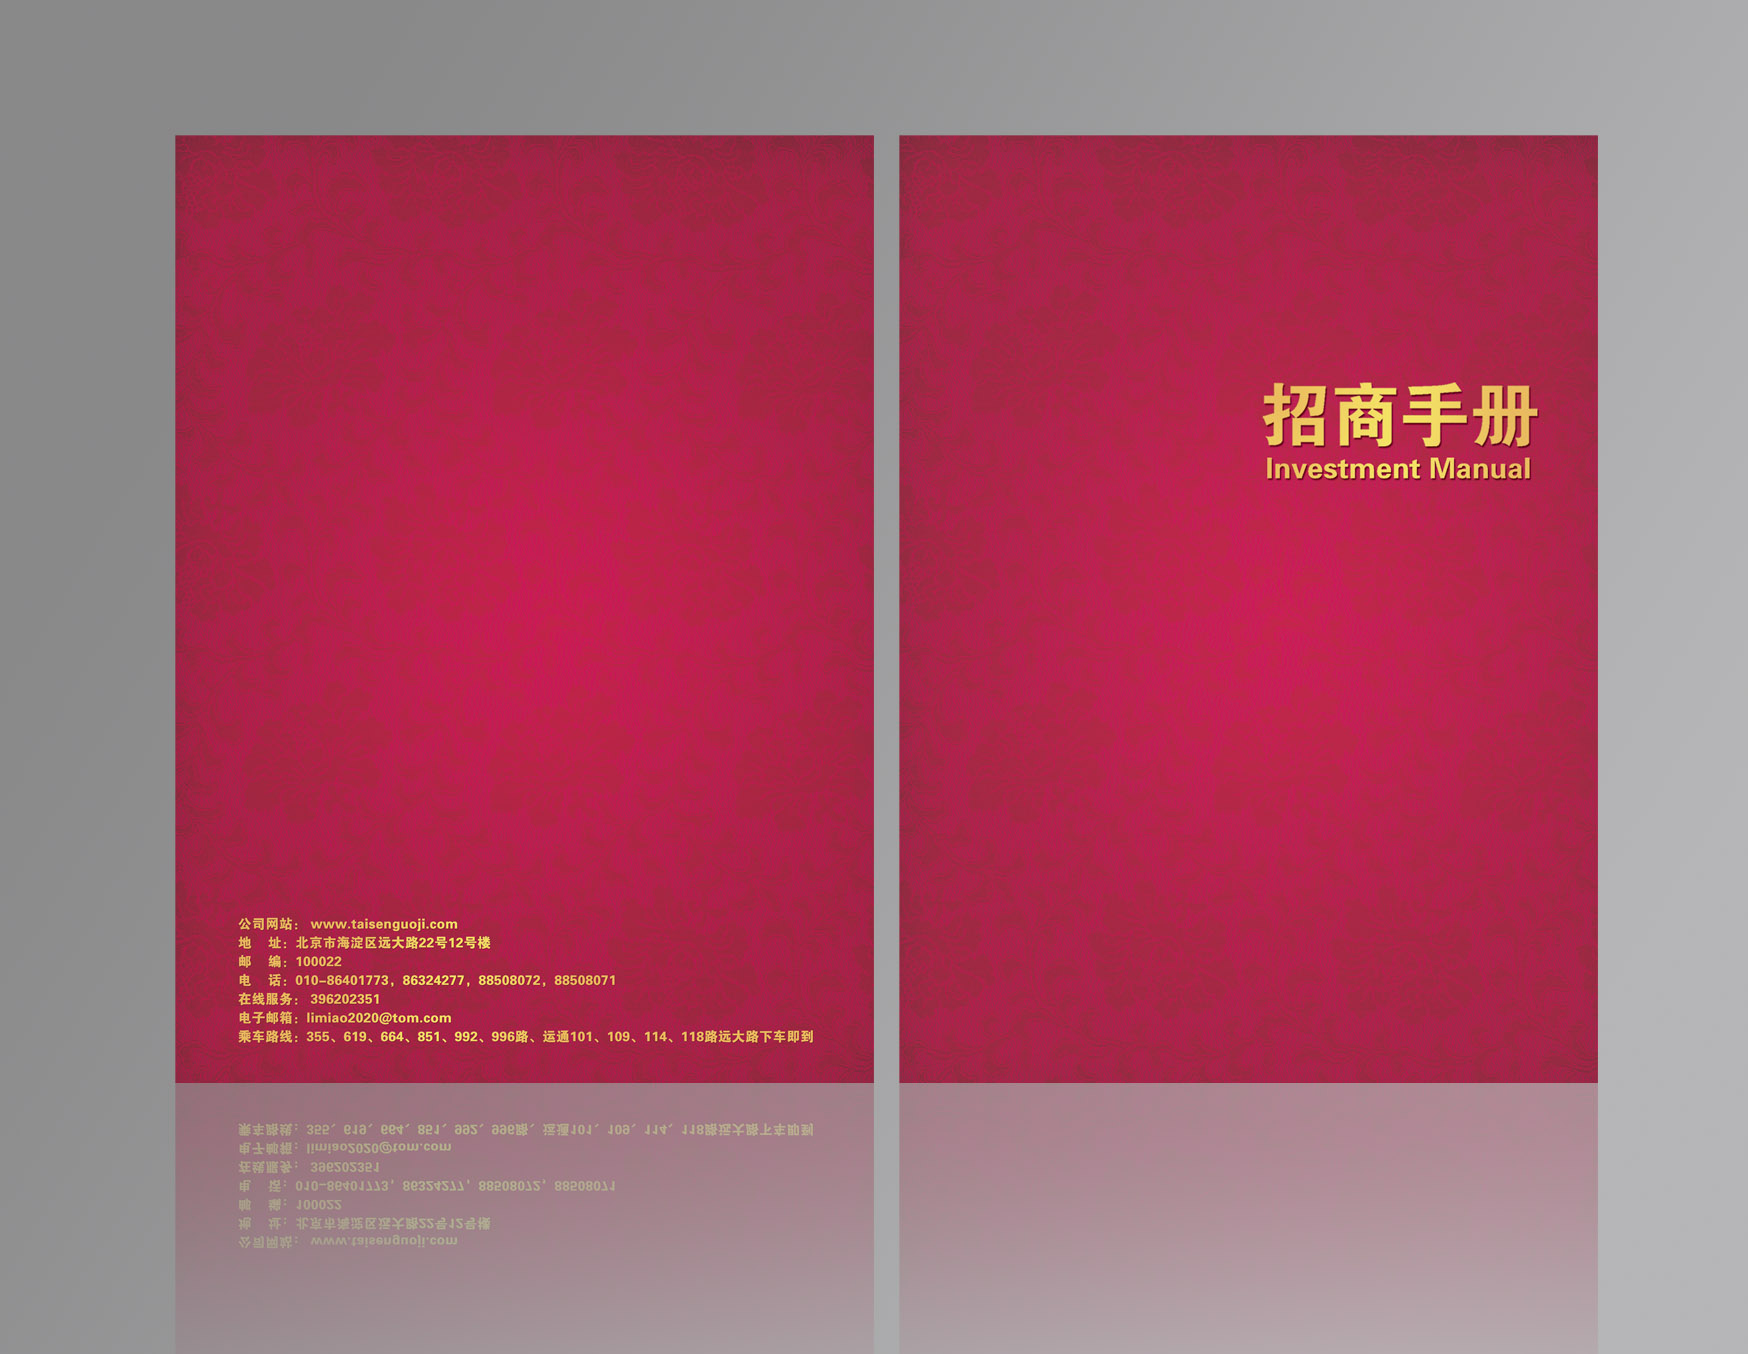 婚庆广场招商手册折页设计(5天)